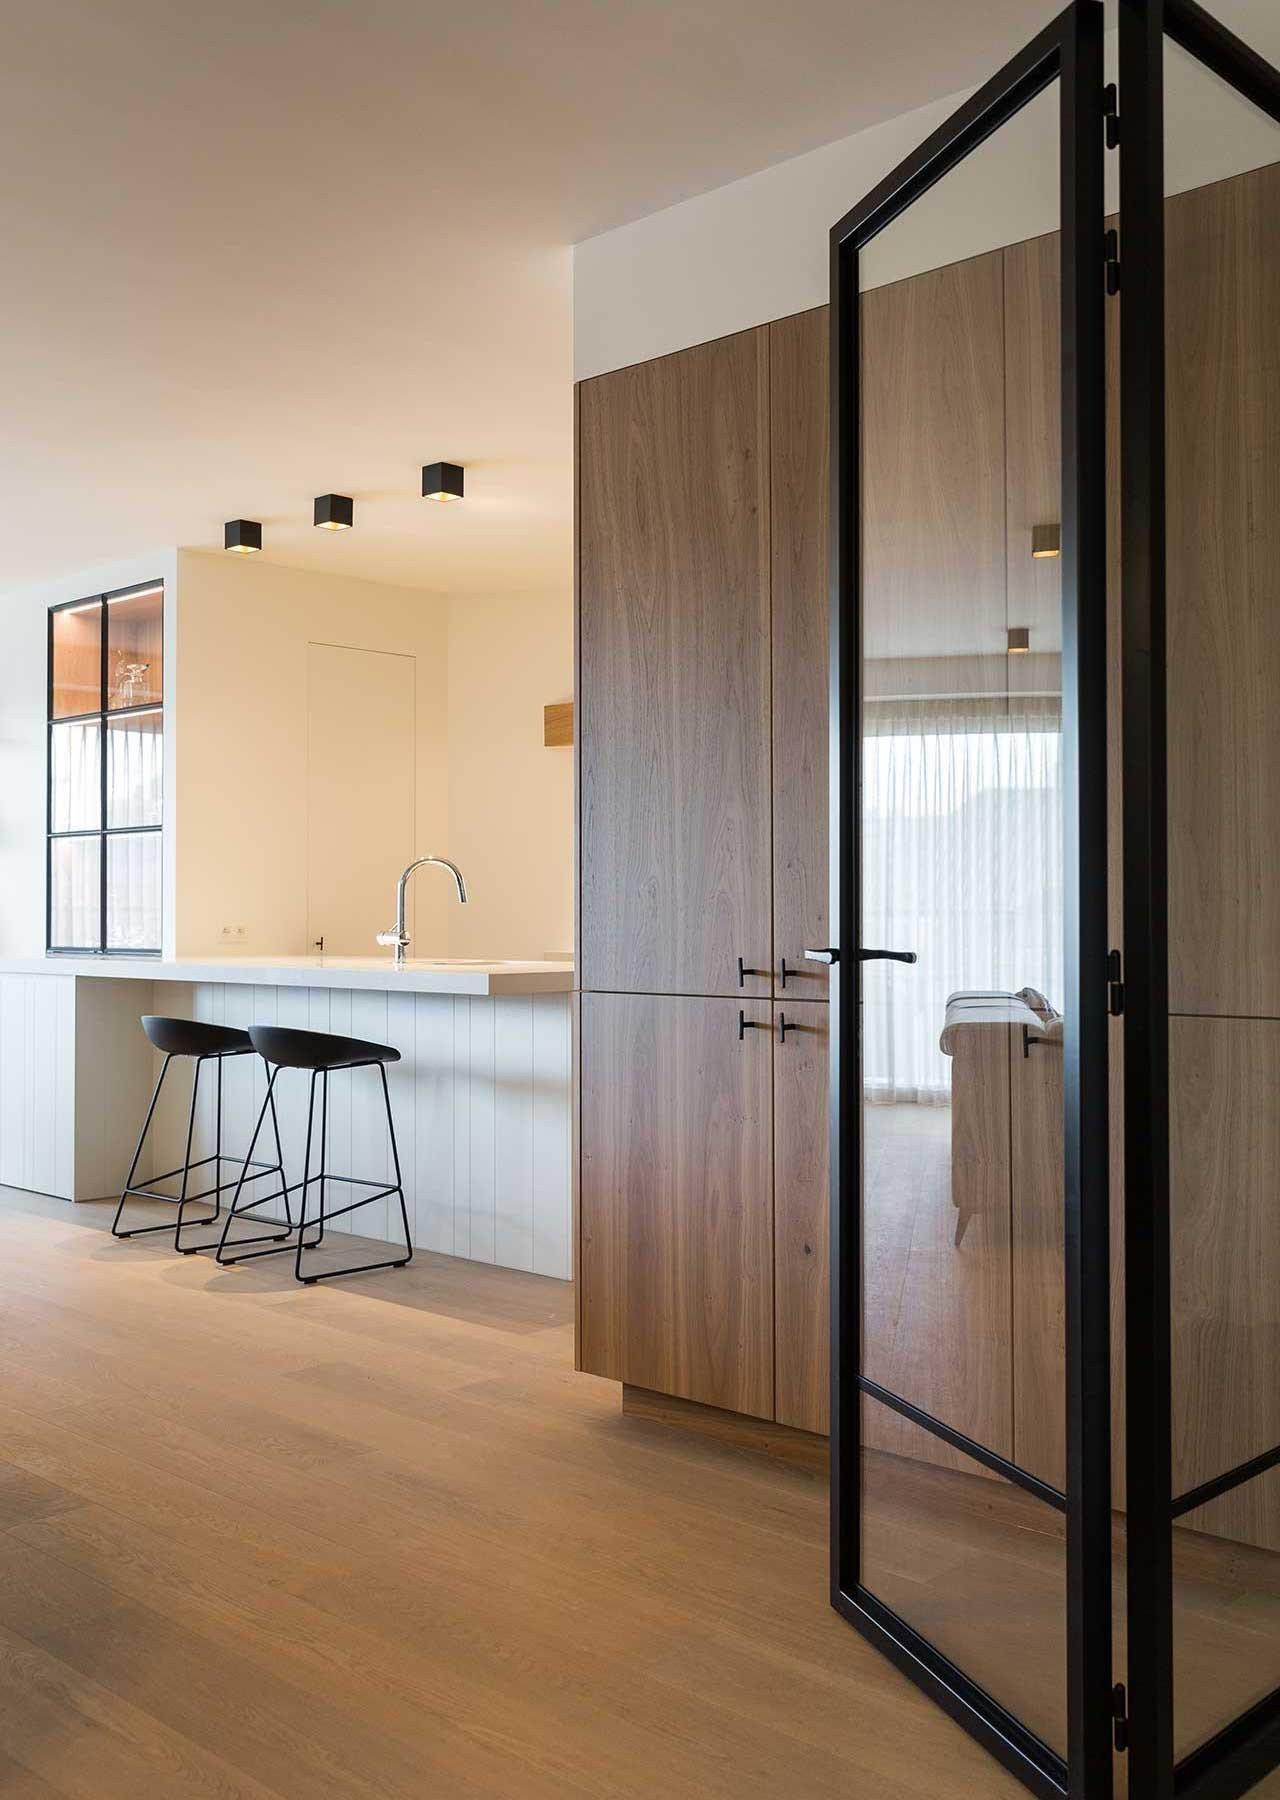 Totaalinrichting-appartement-Kortrijk-1.jpg